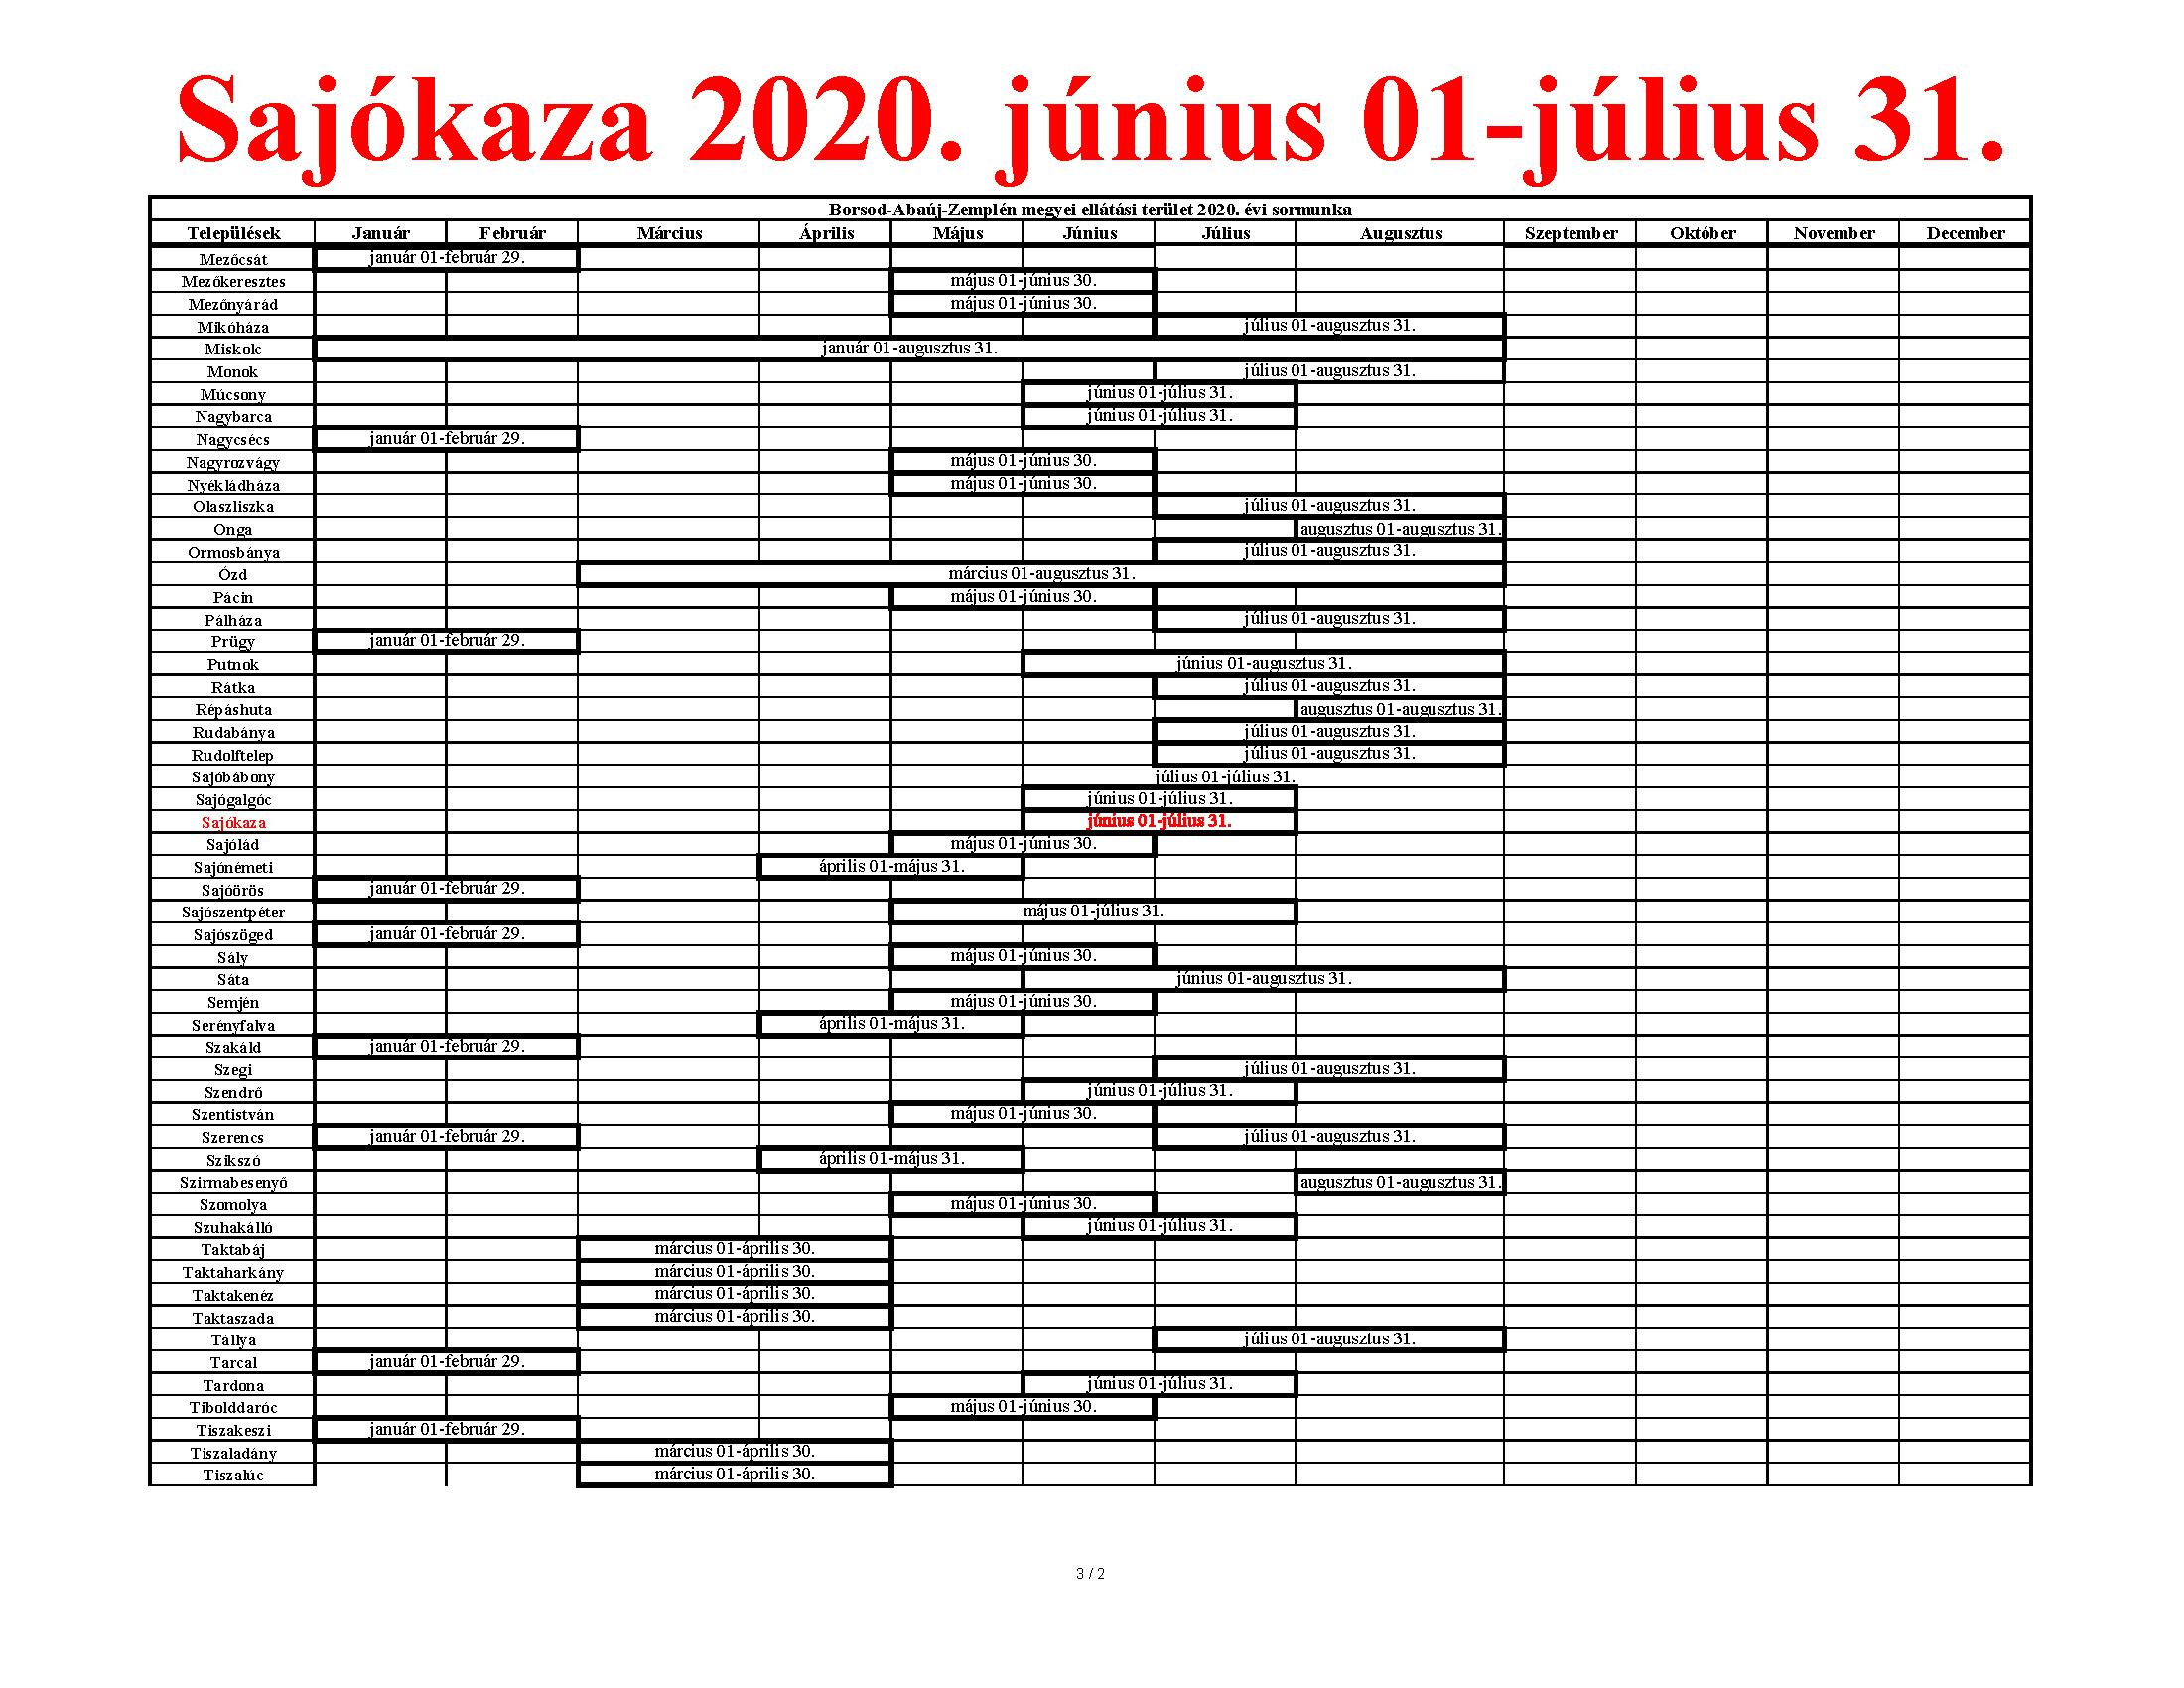 kemenysepres_2020